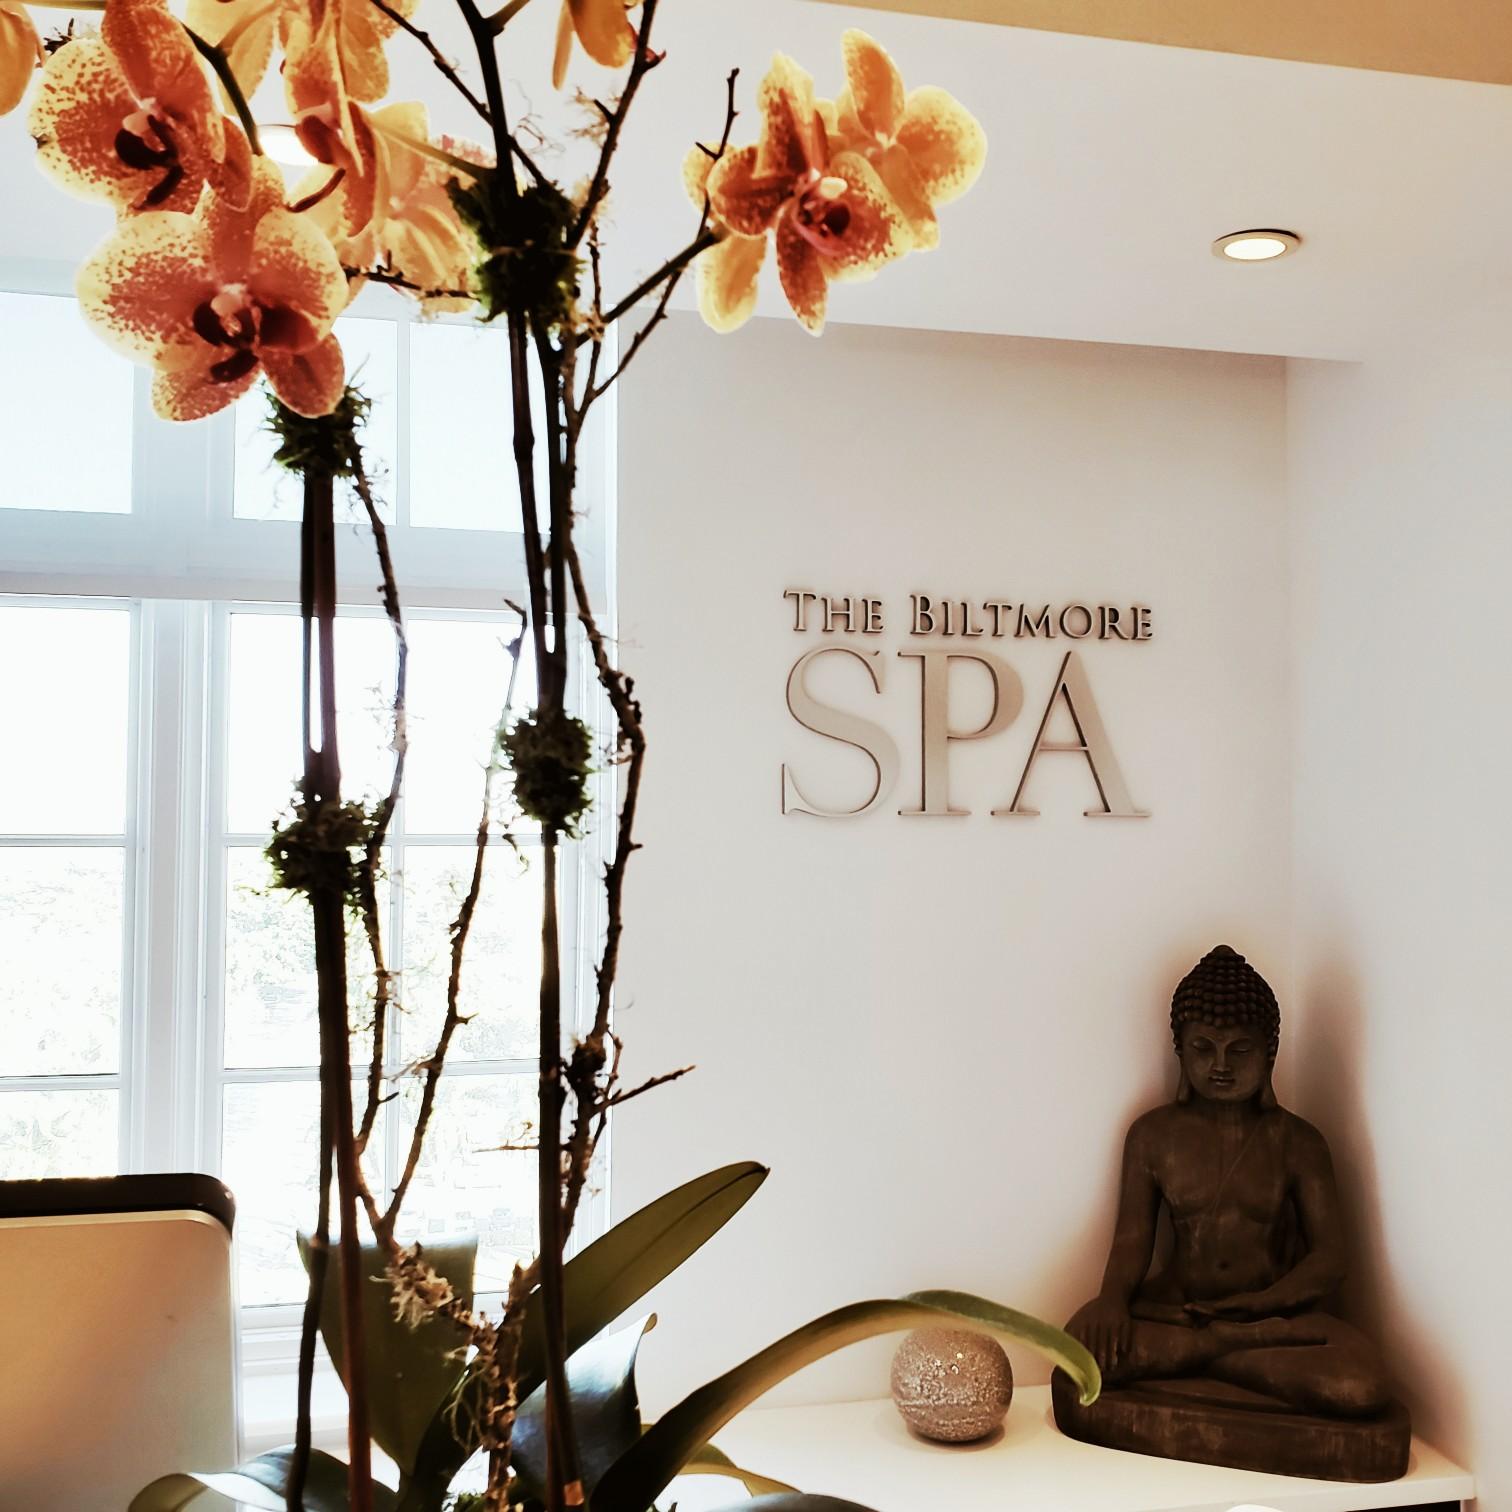 The Biltmore Spa Miami Blogger Review